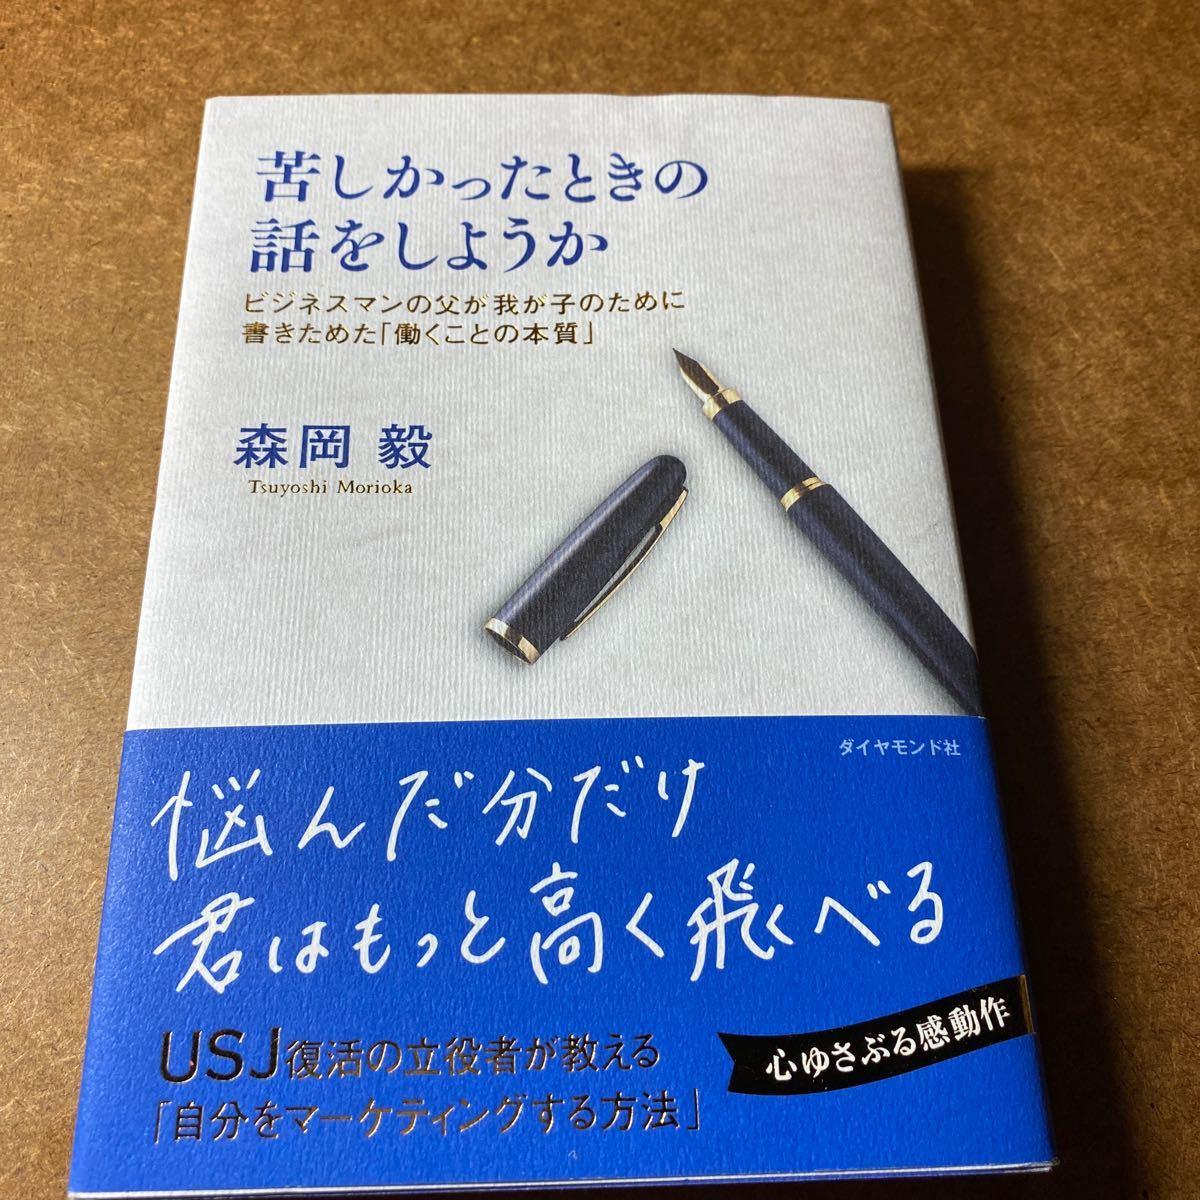 苦しかったときの話をしようか ビジネスマンの父が我が子のために書きためた 「働くことの本質」 森岡毅